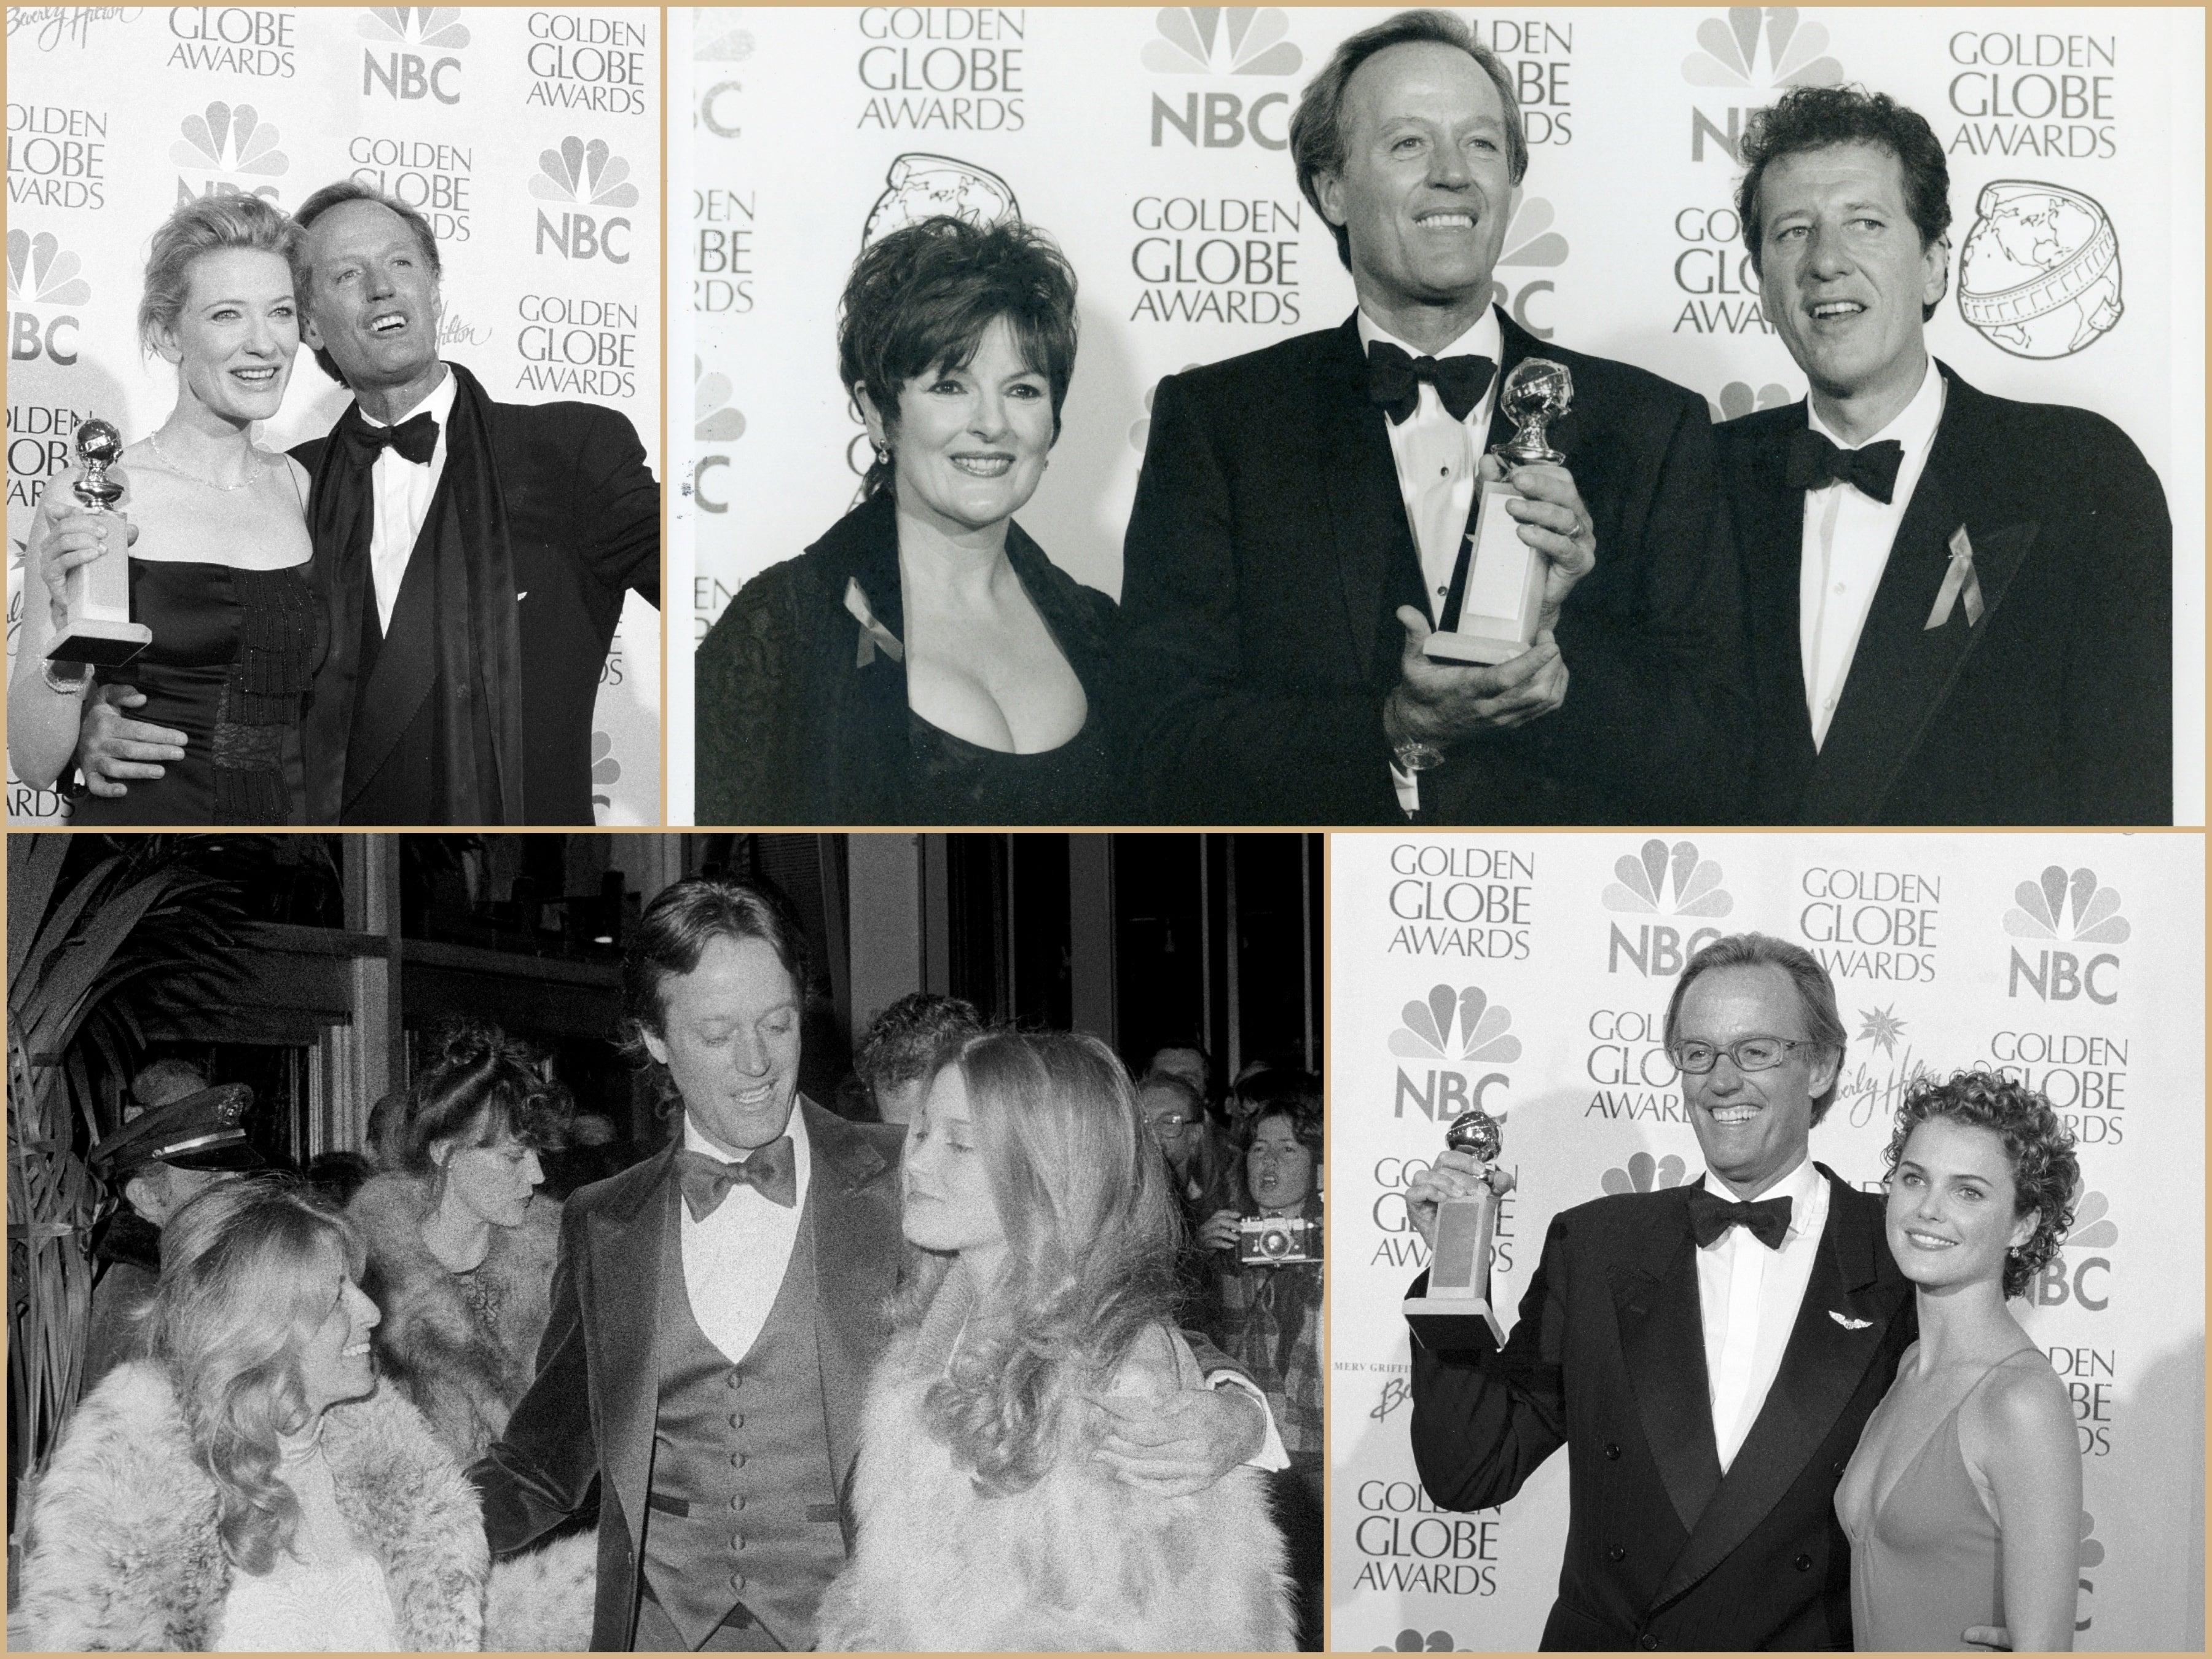 Peter Fonda at the Golden Globes